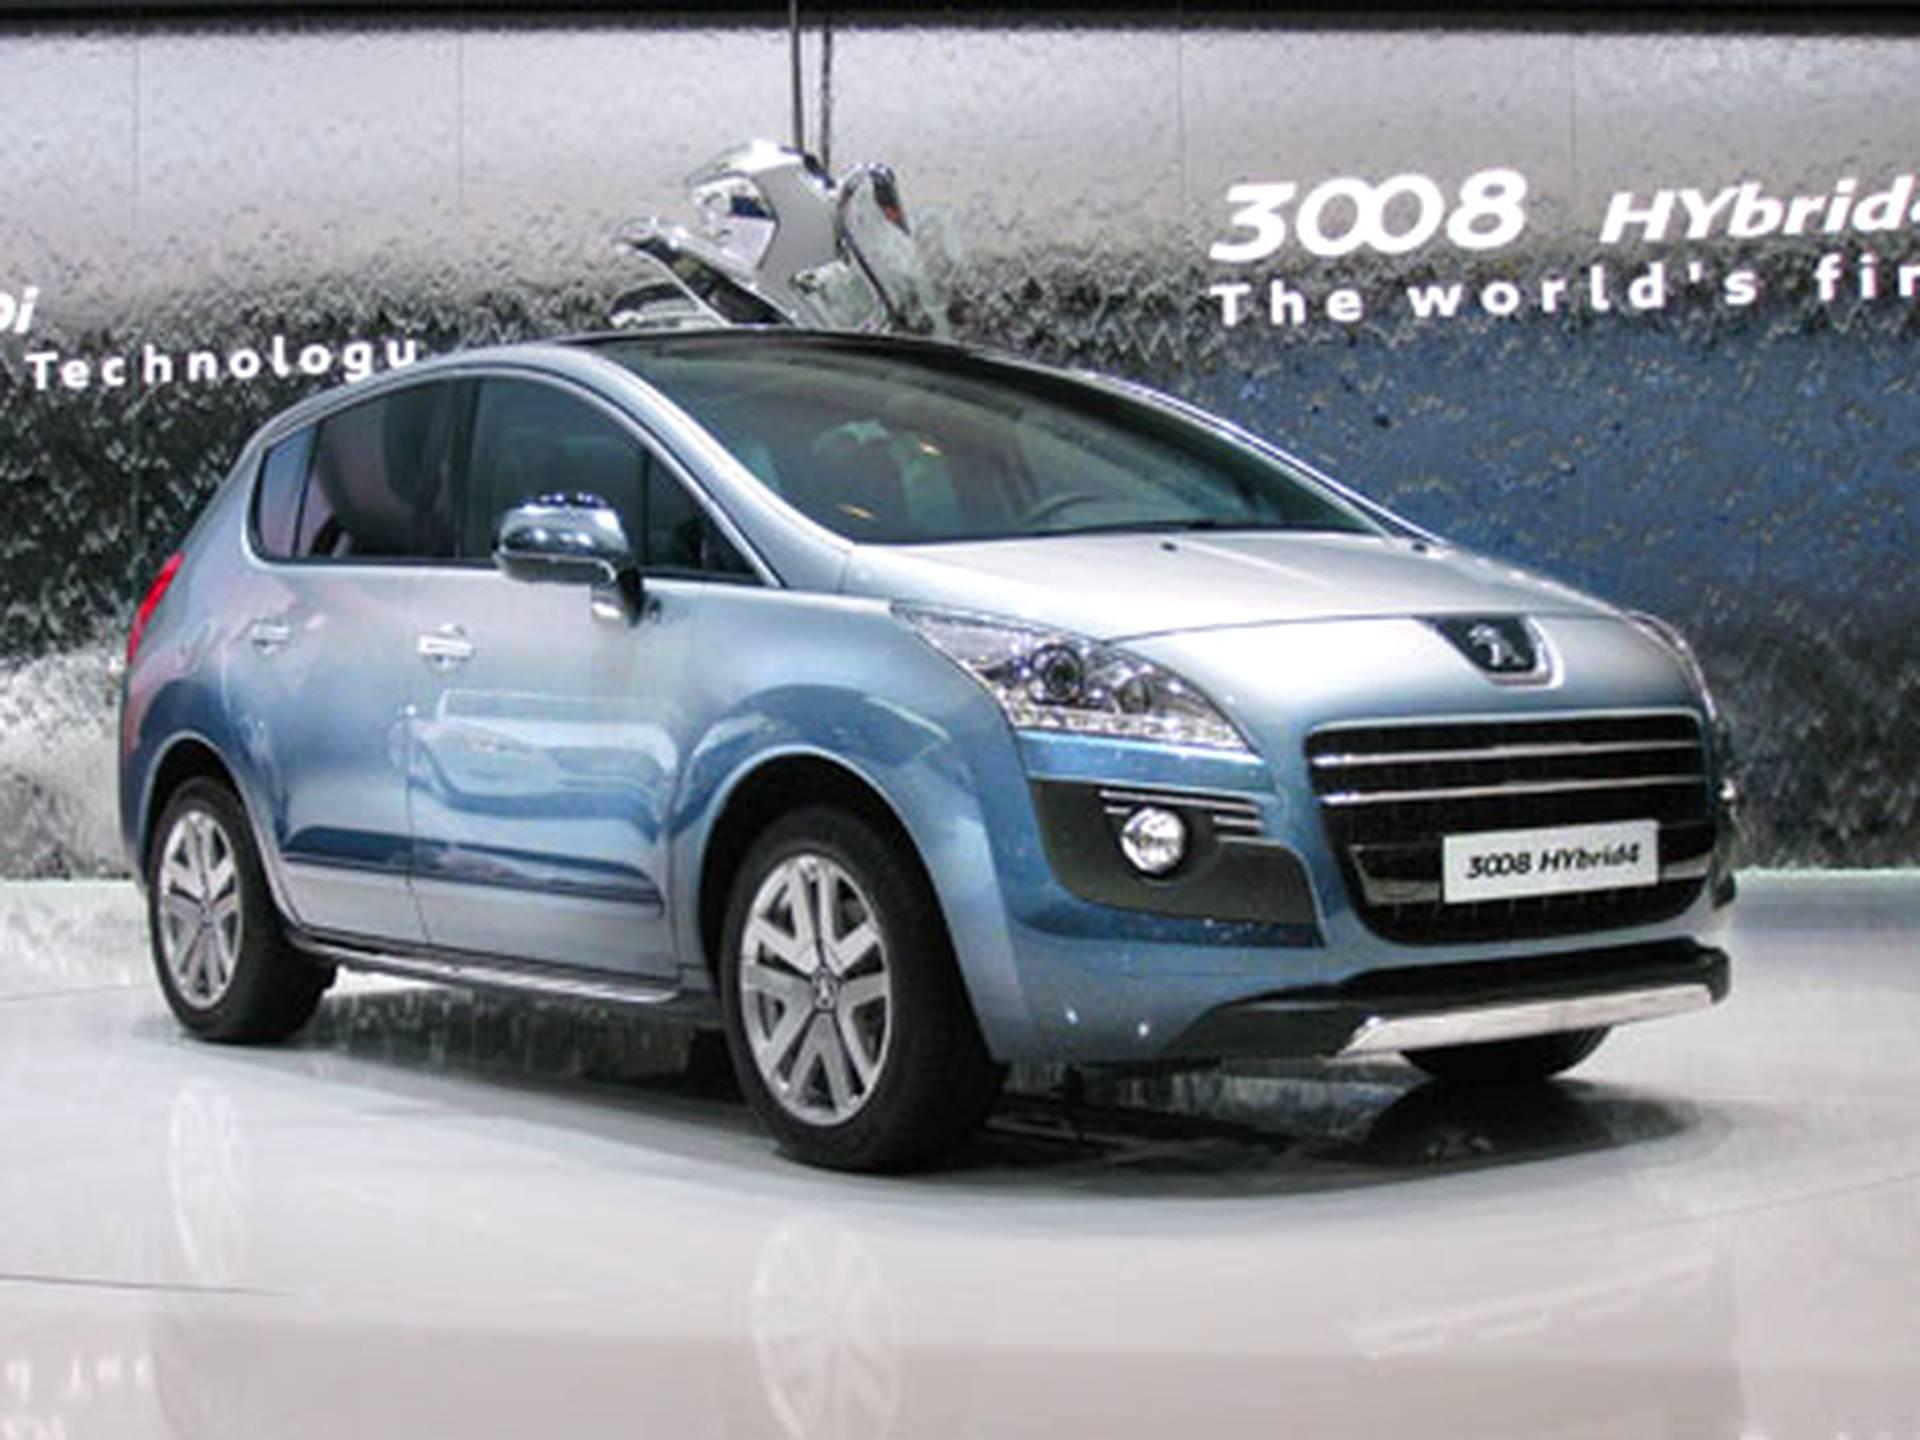 Peugeot 3008 Hybrid >> Peugeot Citroenin Euroopan Myynti On Kriisissa